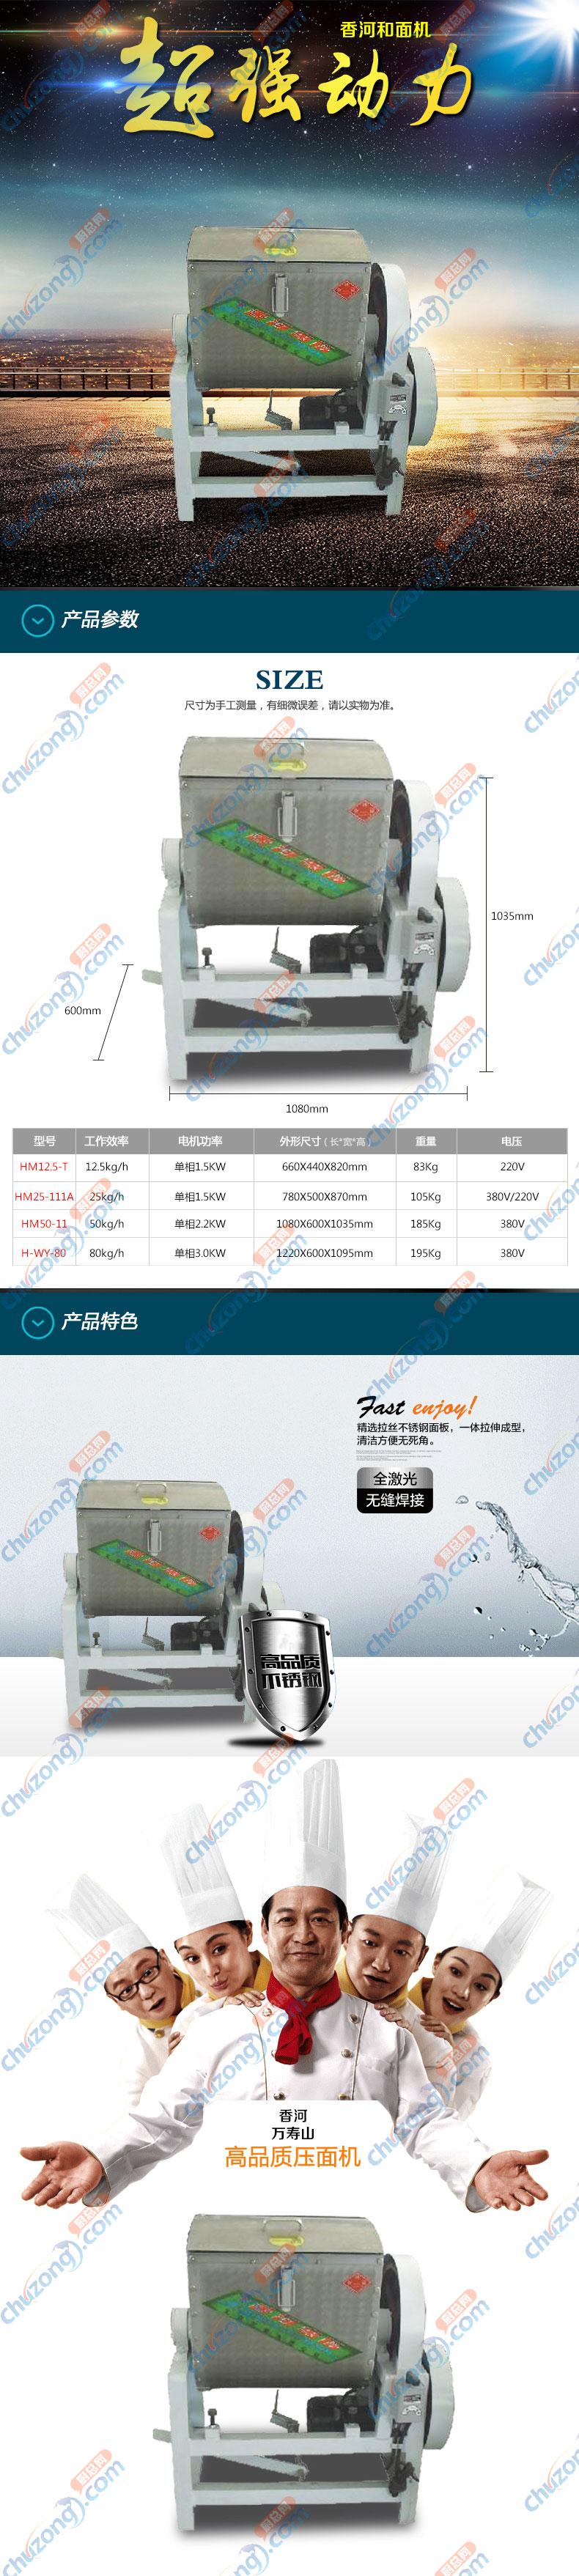 香河和面机HM12.5-T-HM25-111A-HM50-11-H-WY-80详情图